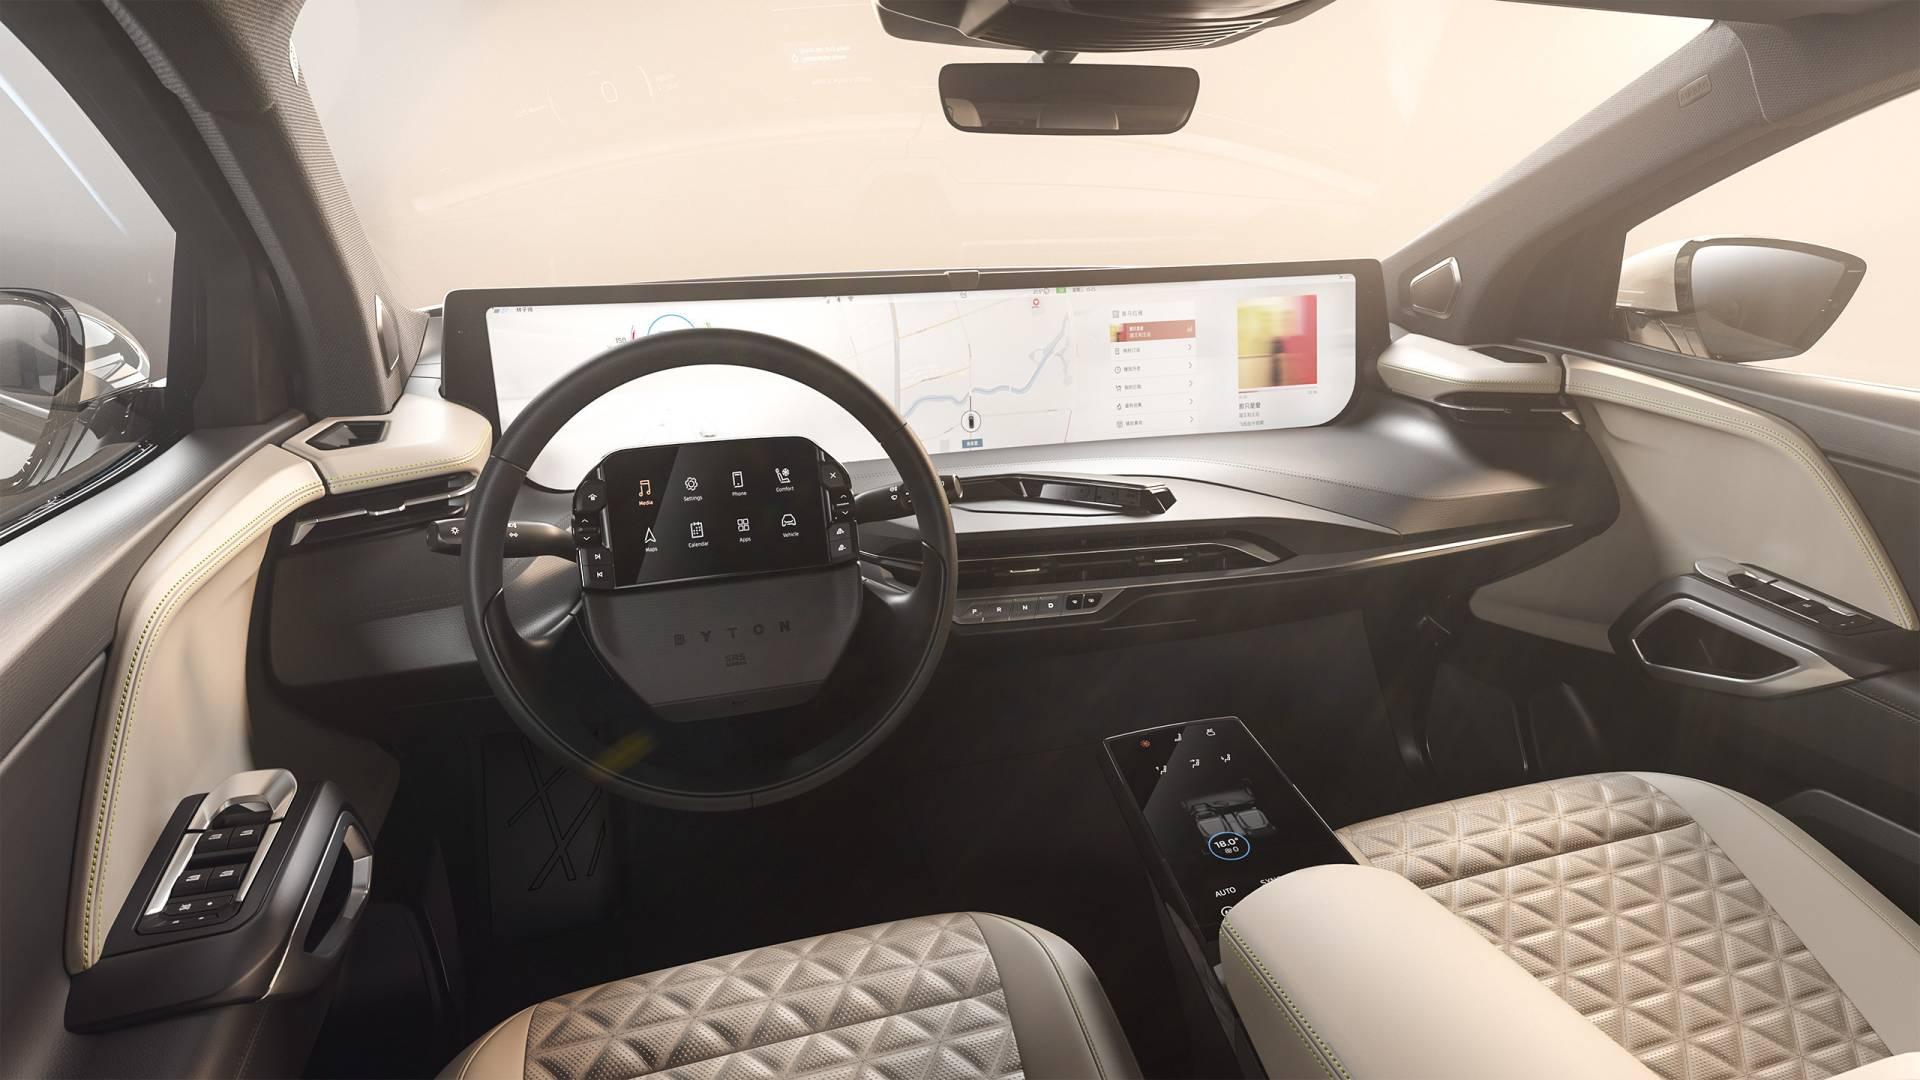 Дали е ова иднината на автомобилскиот кокпит?